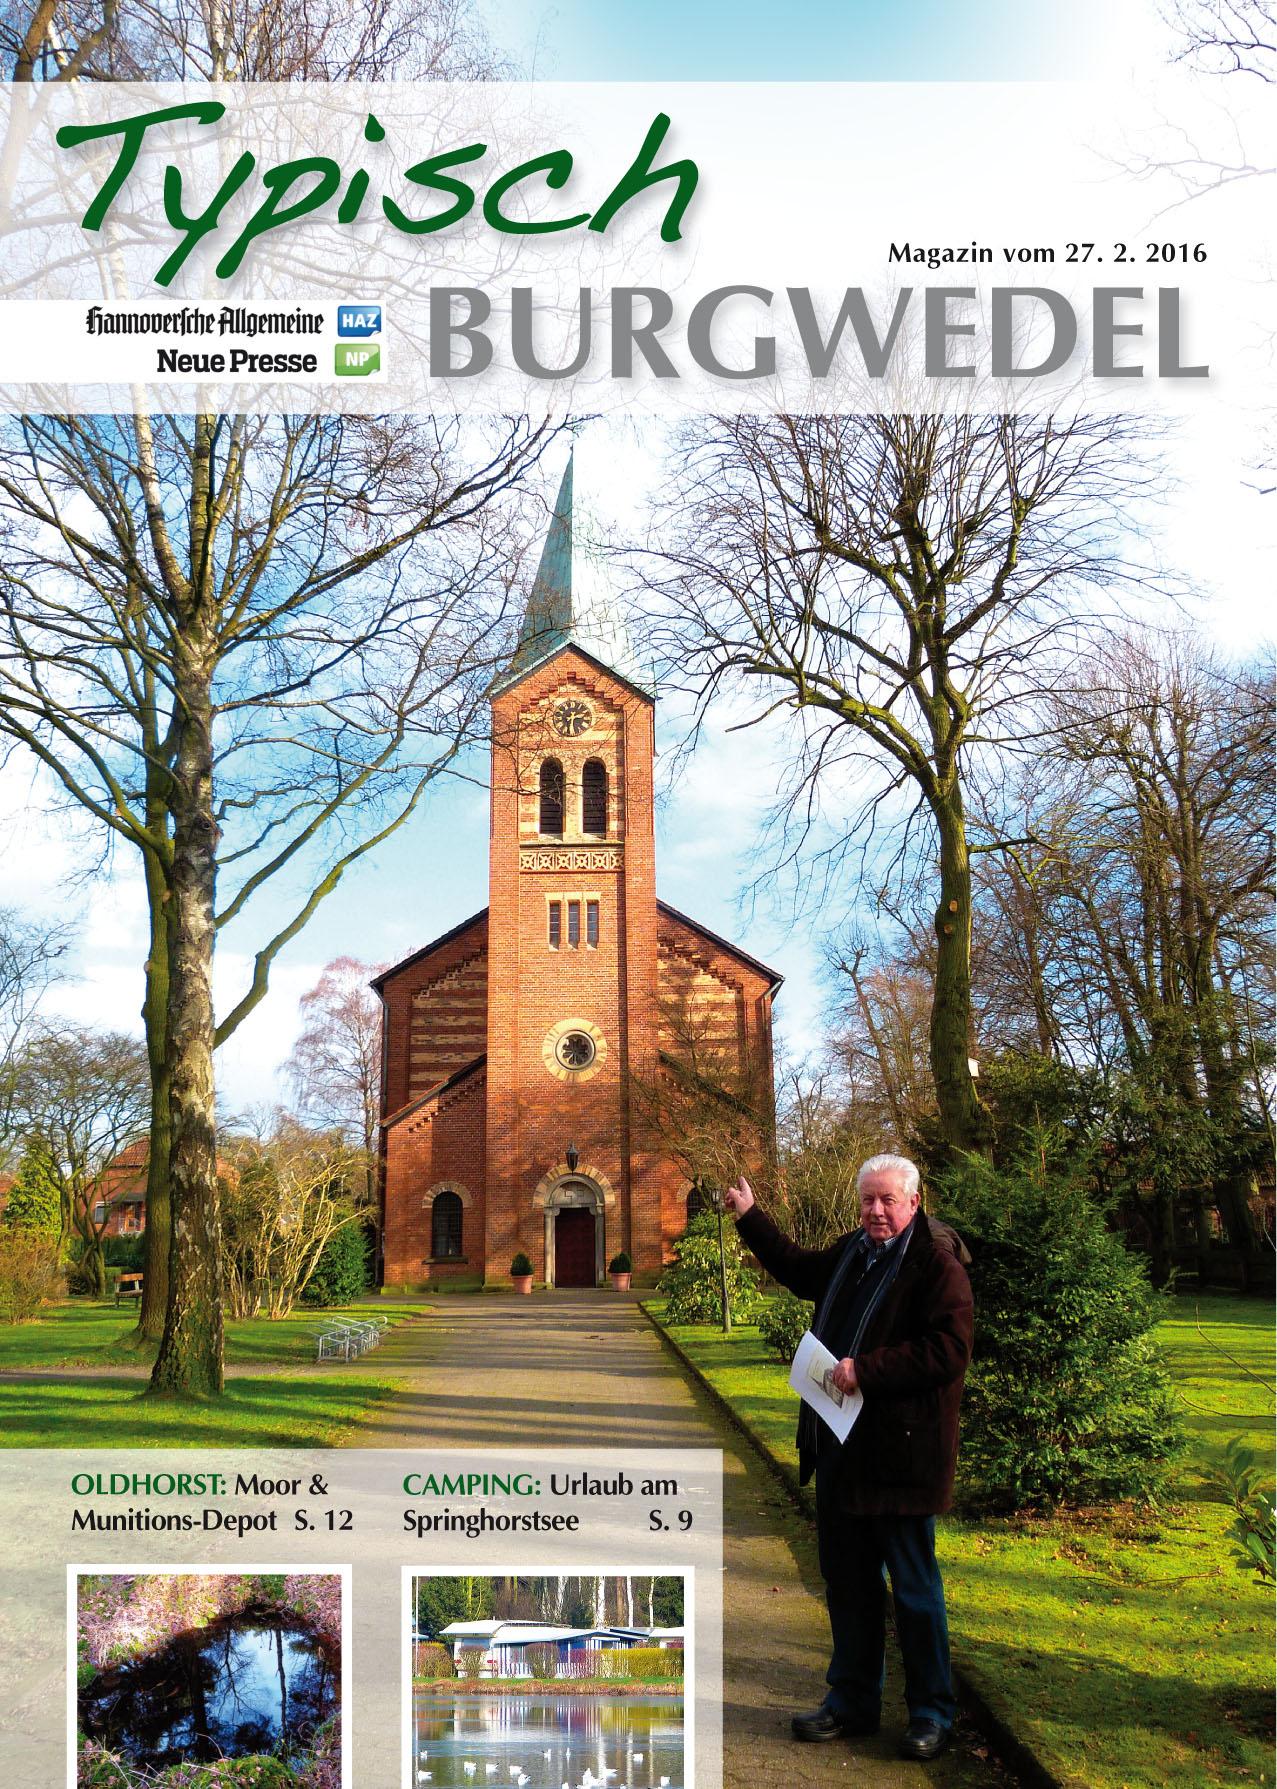 Typisch Burgwedel No. 3